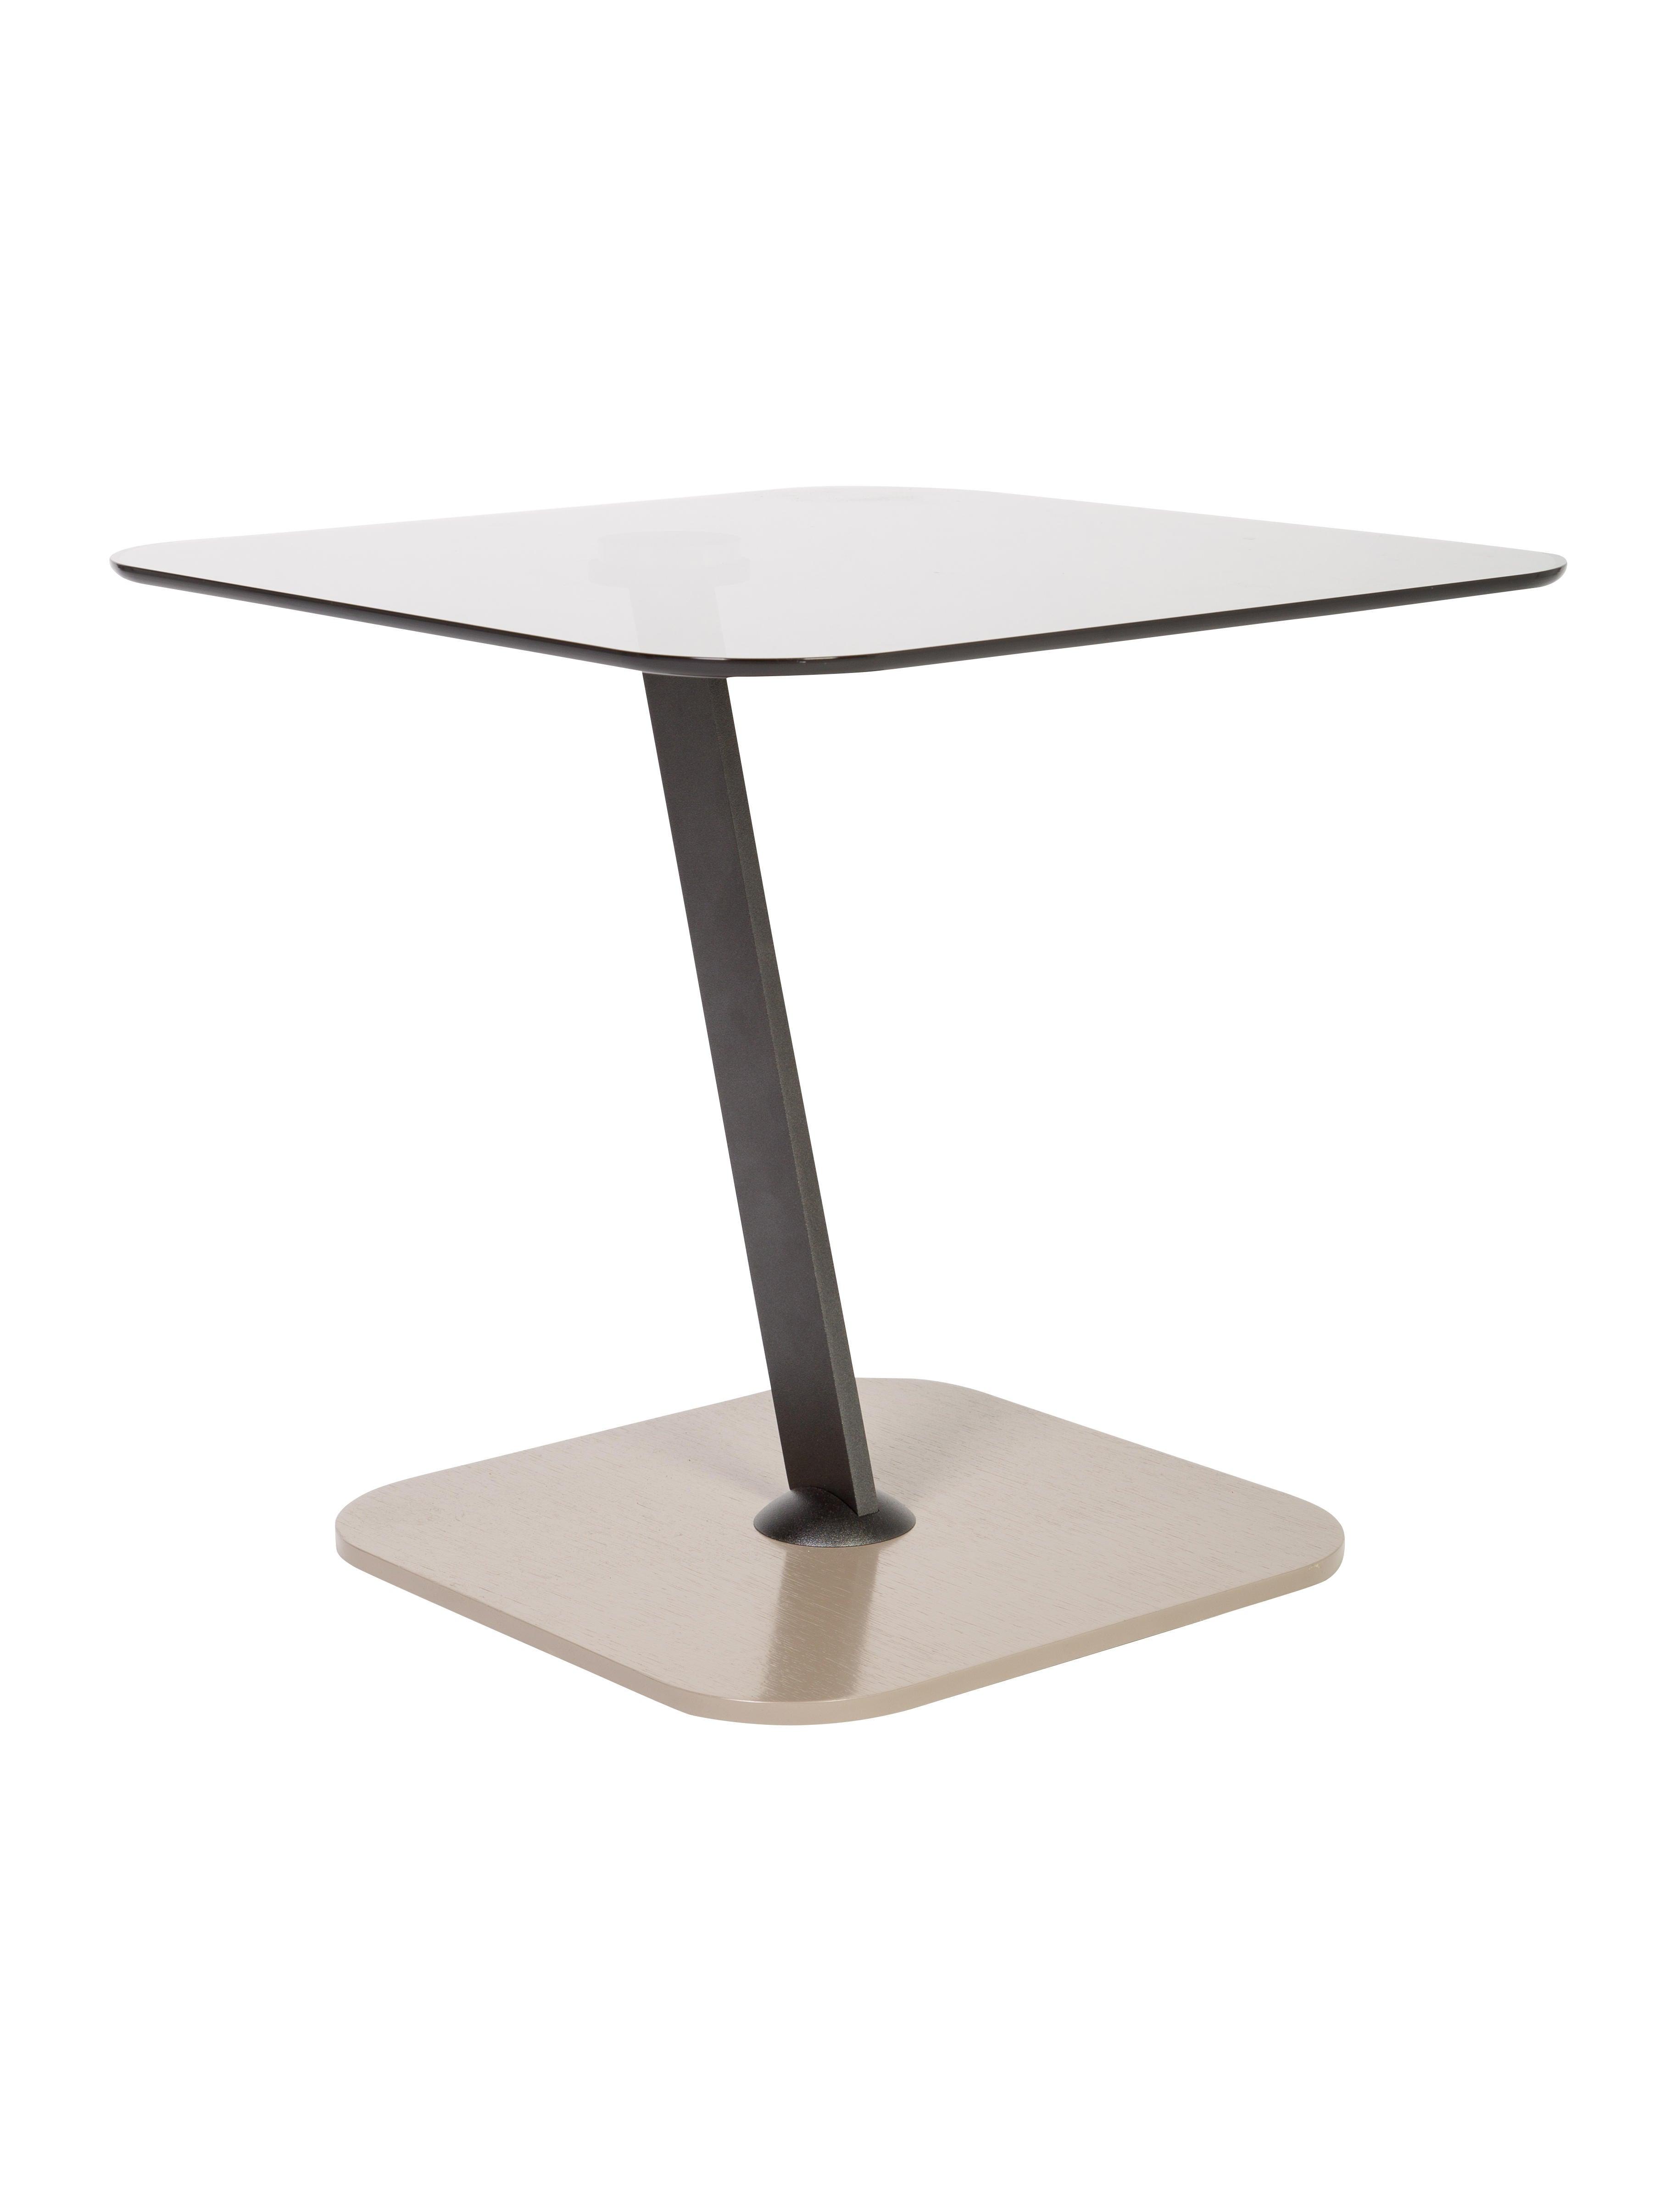 Roche bobois glass pedestal table furniture bob20039 for Table basse ovni roche bobois